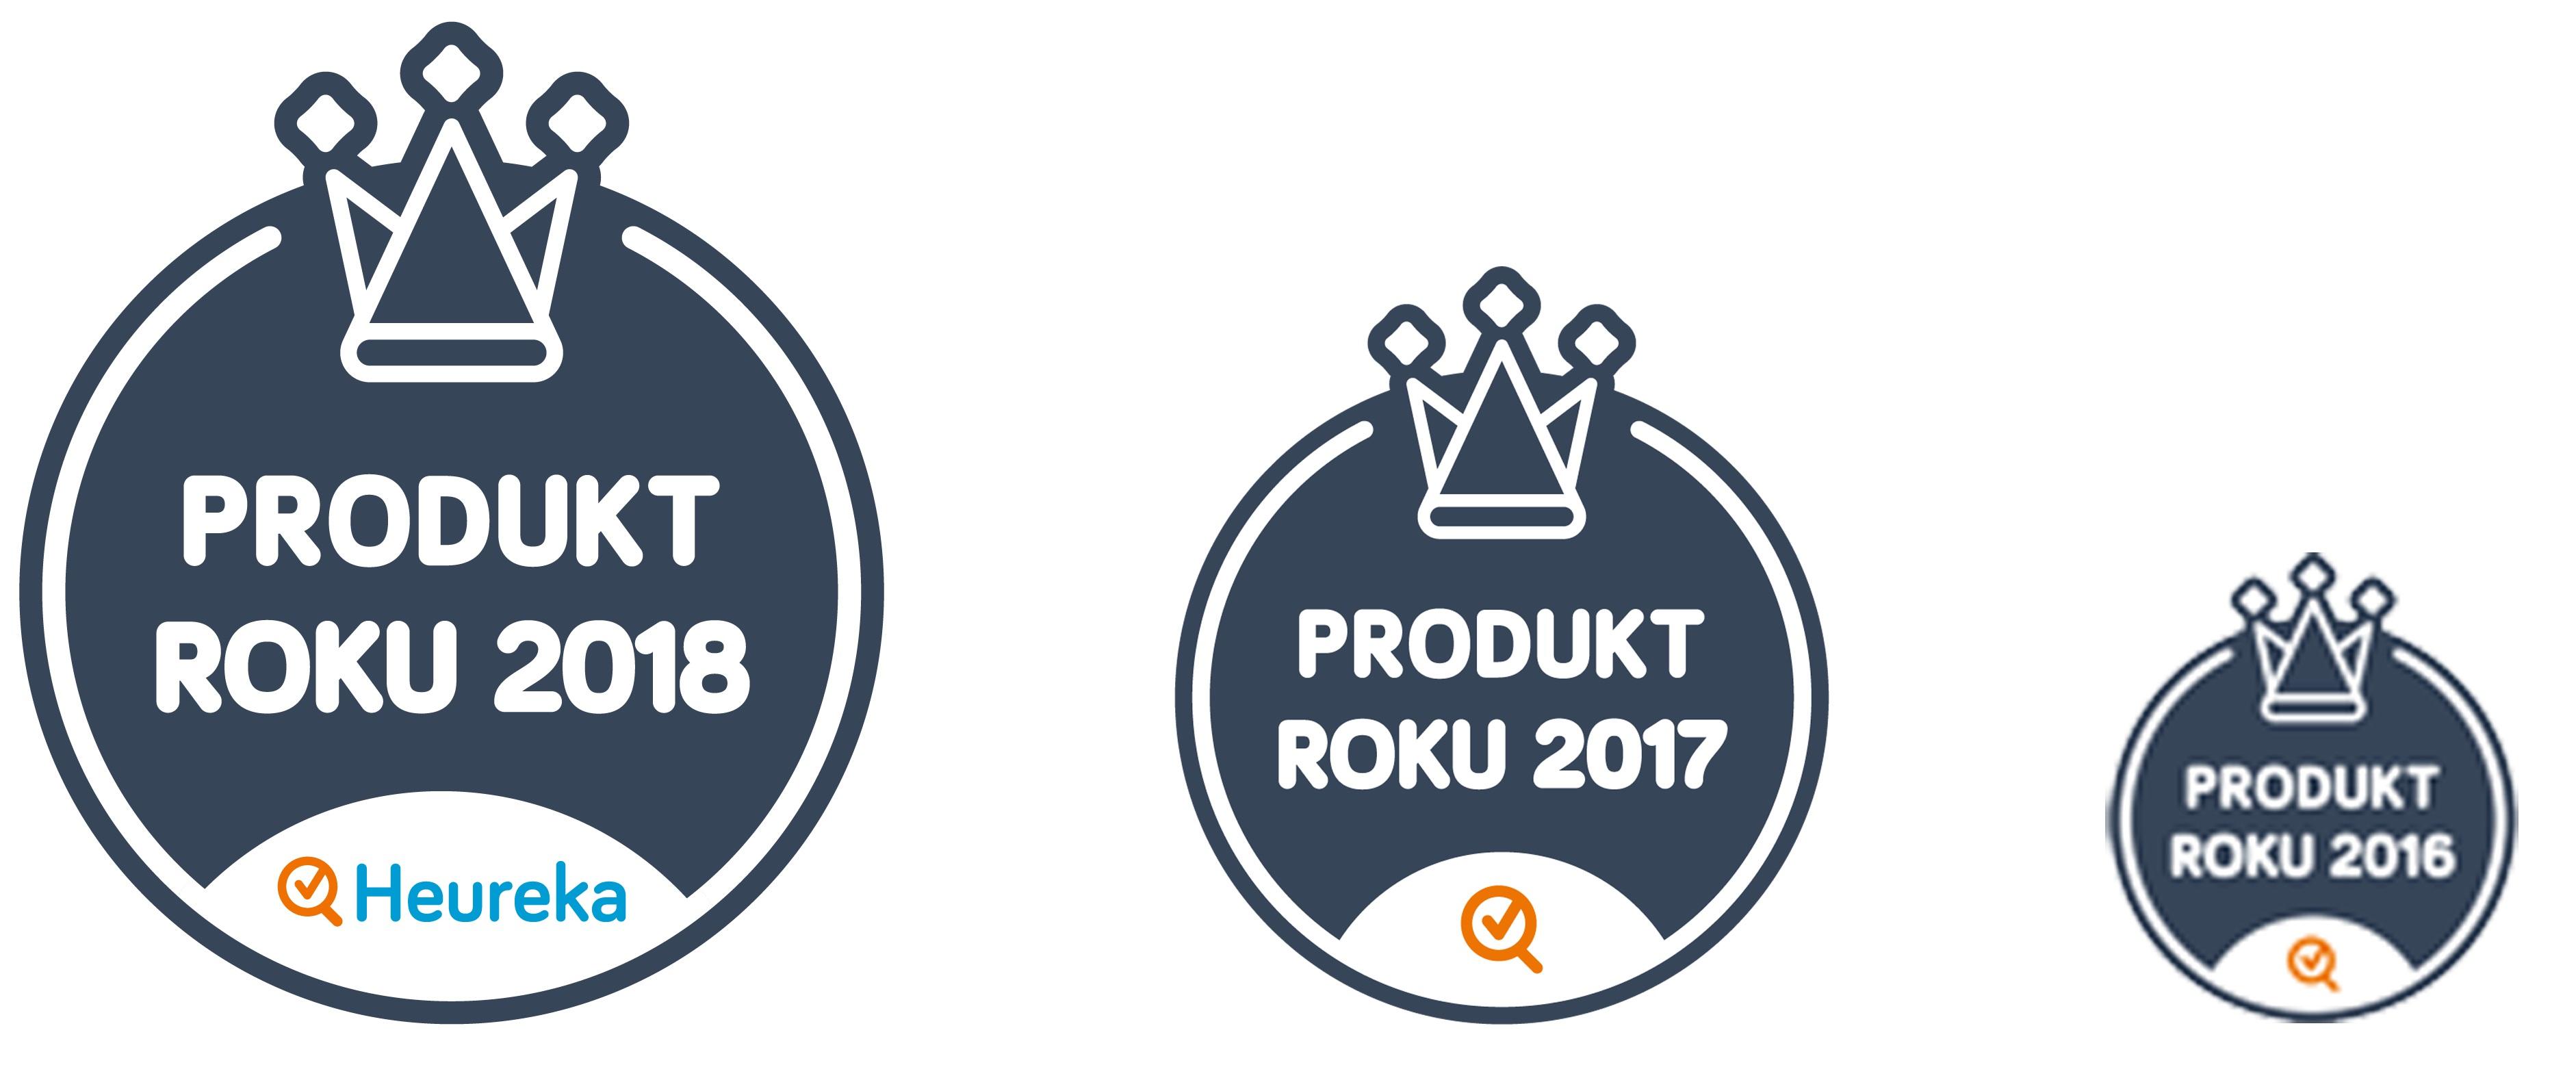 Produkt roku v ČR v letech 2018, 2017,2016